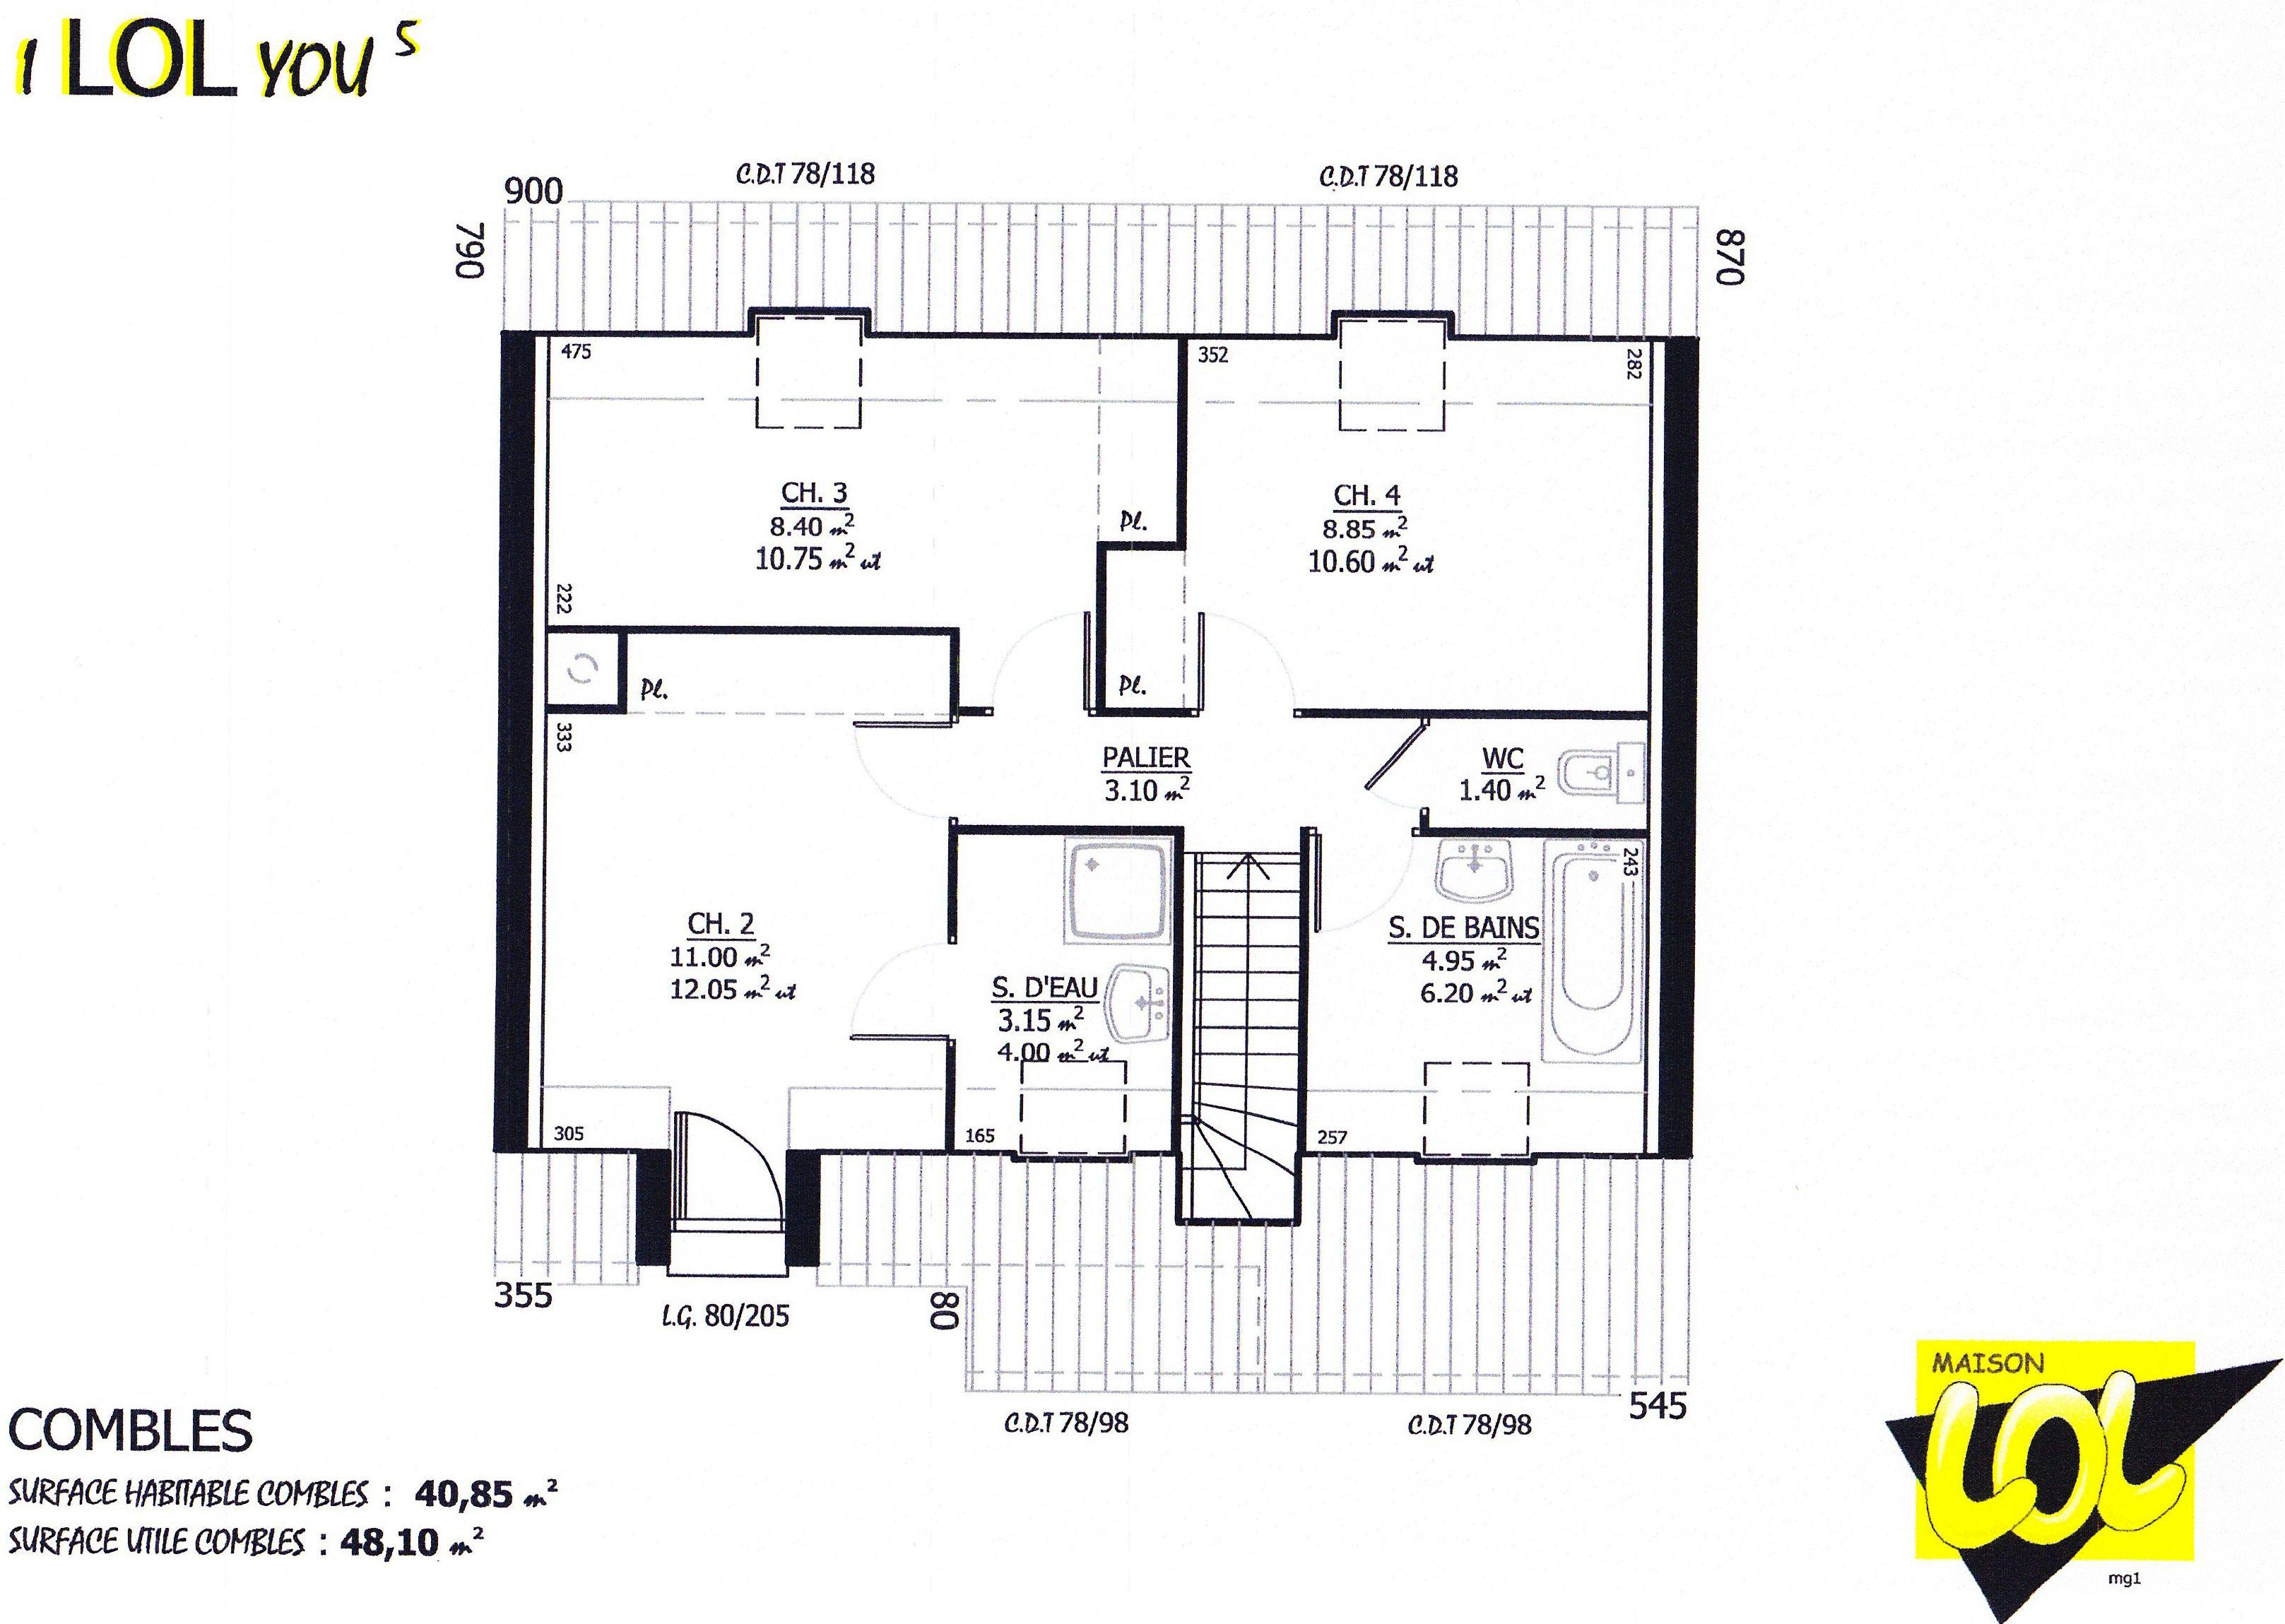 Modèle De Maison ILolYou Présenté Sur ConstruireSaMaison.com